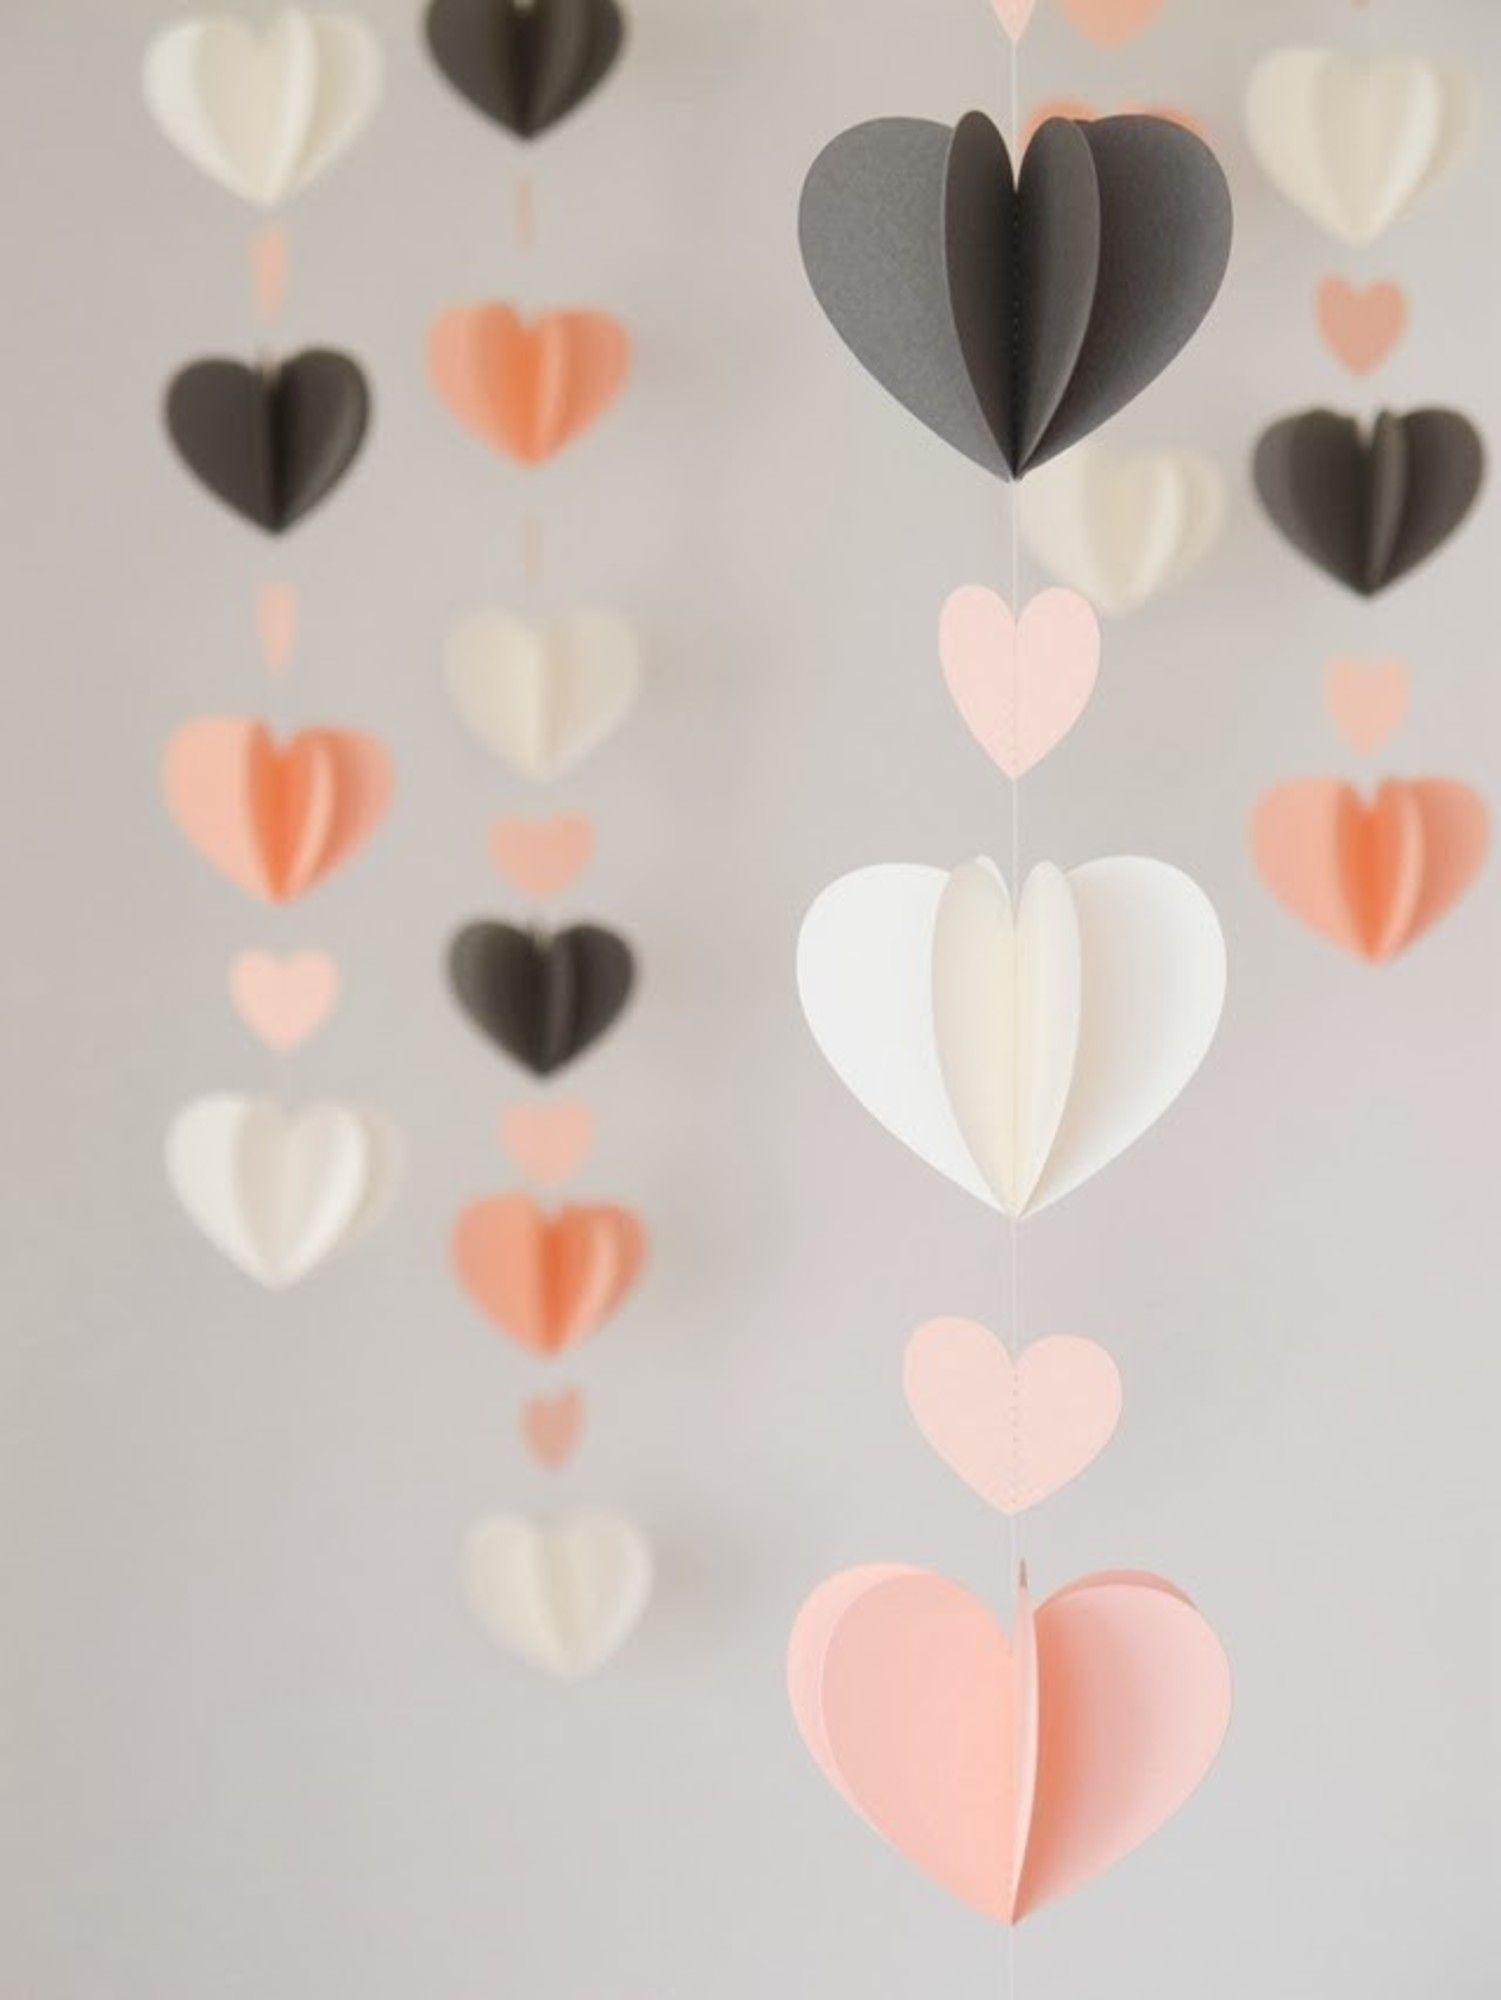 Coeurs multicolores sur une guirlande - mignons et tendres